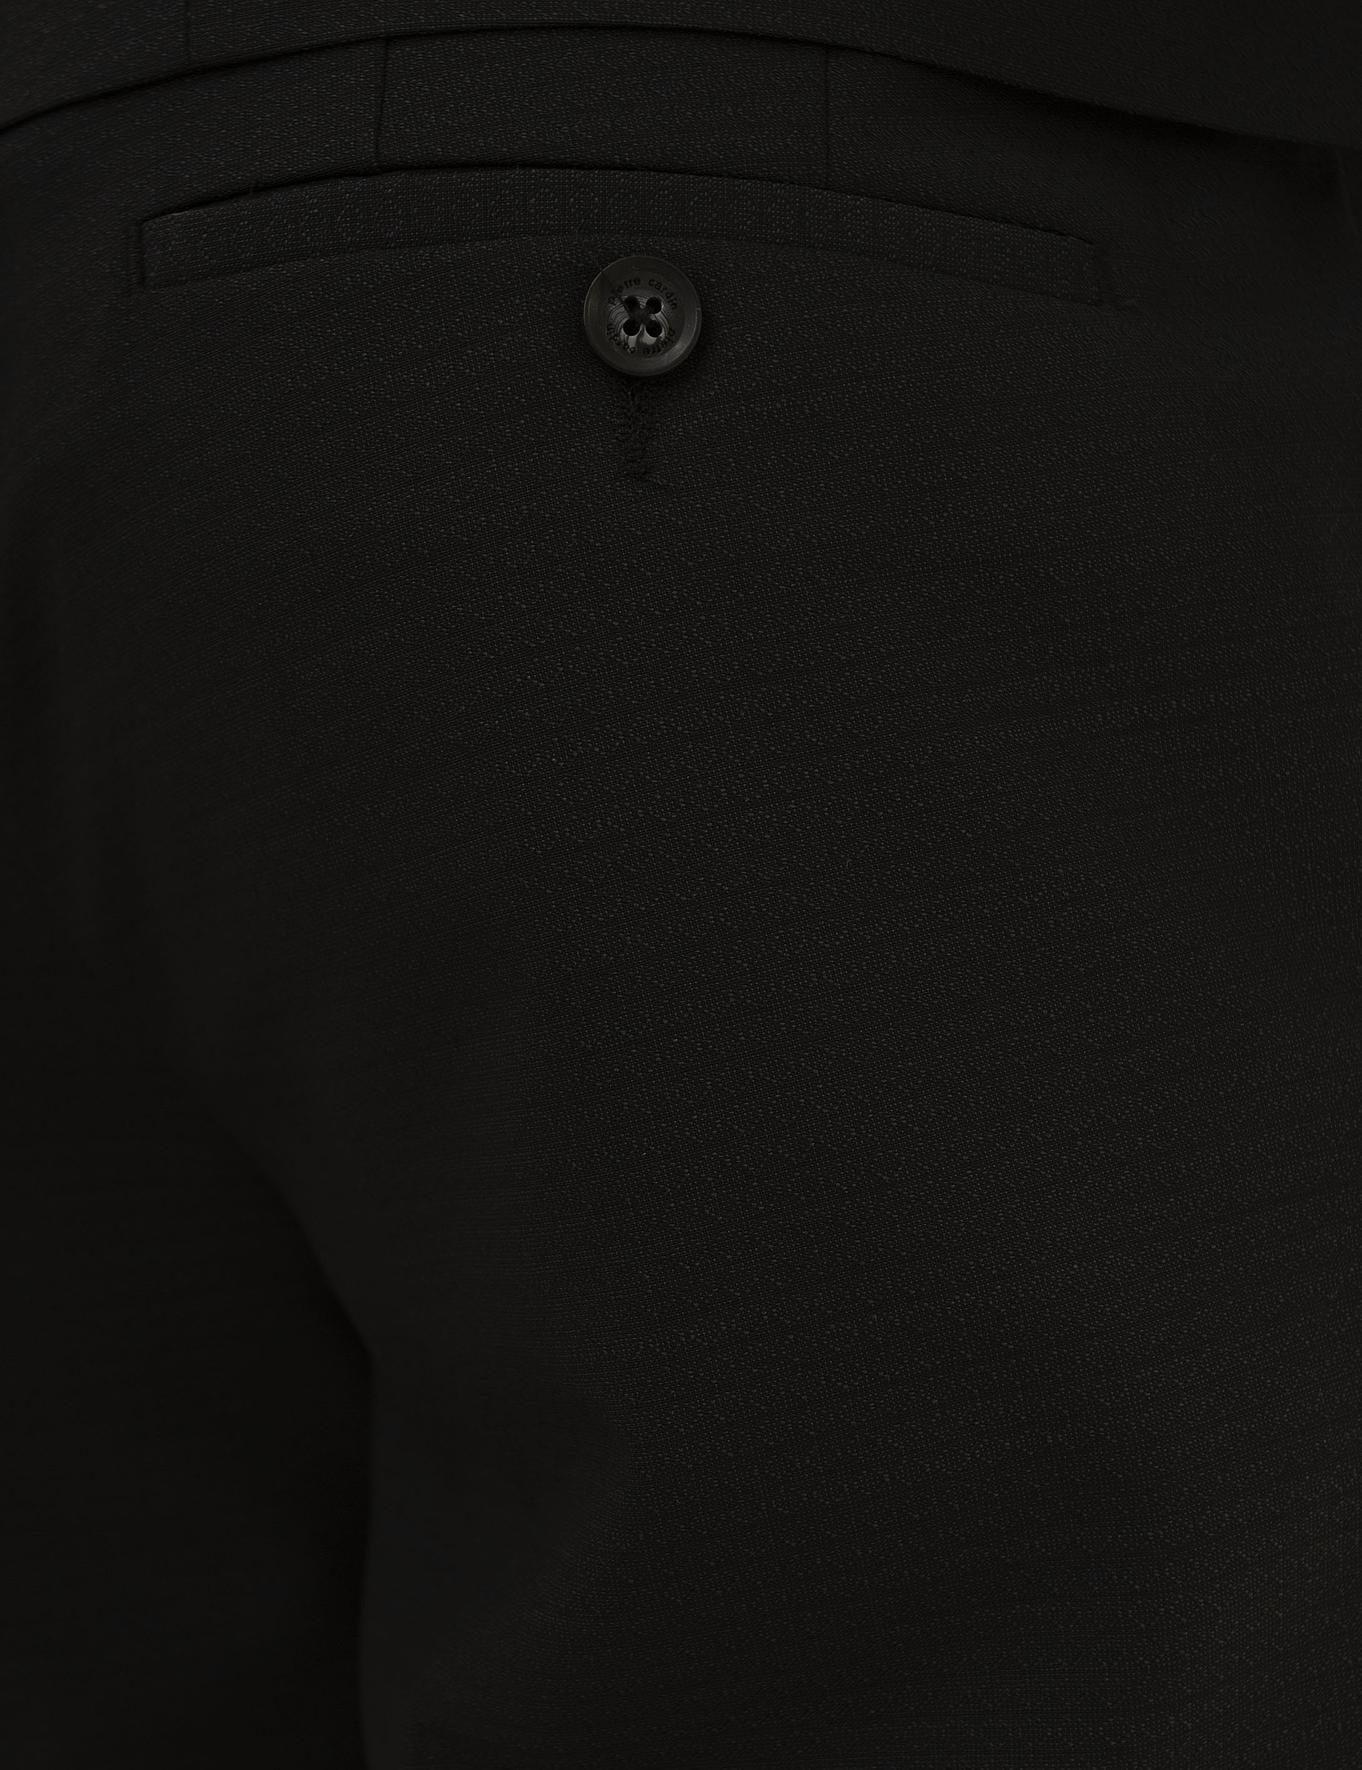 Siyah Ex. Slim Fit Takım Elbise